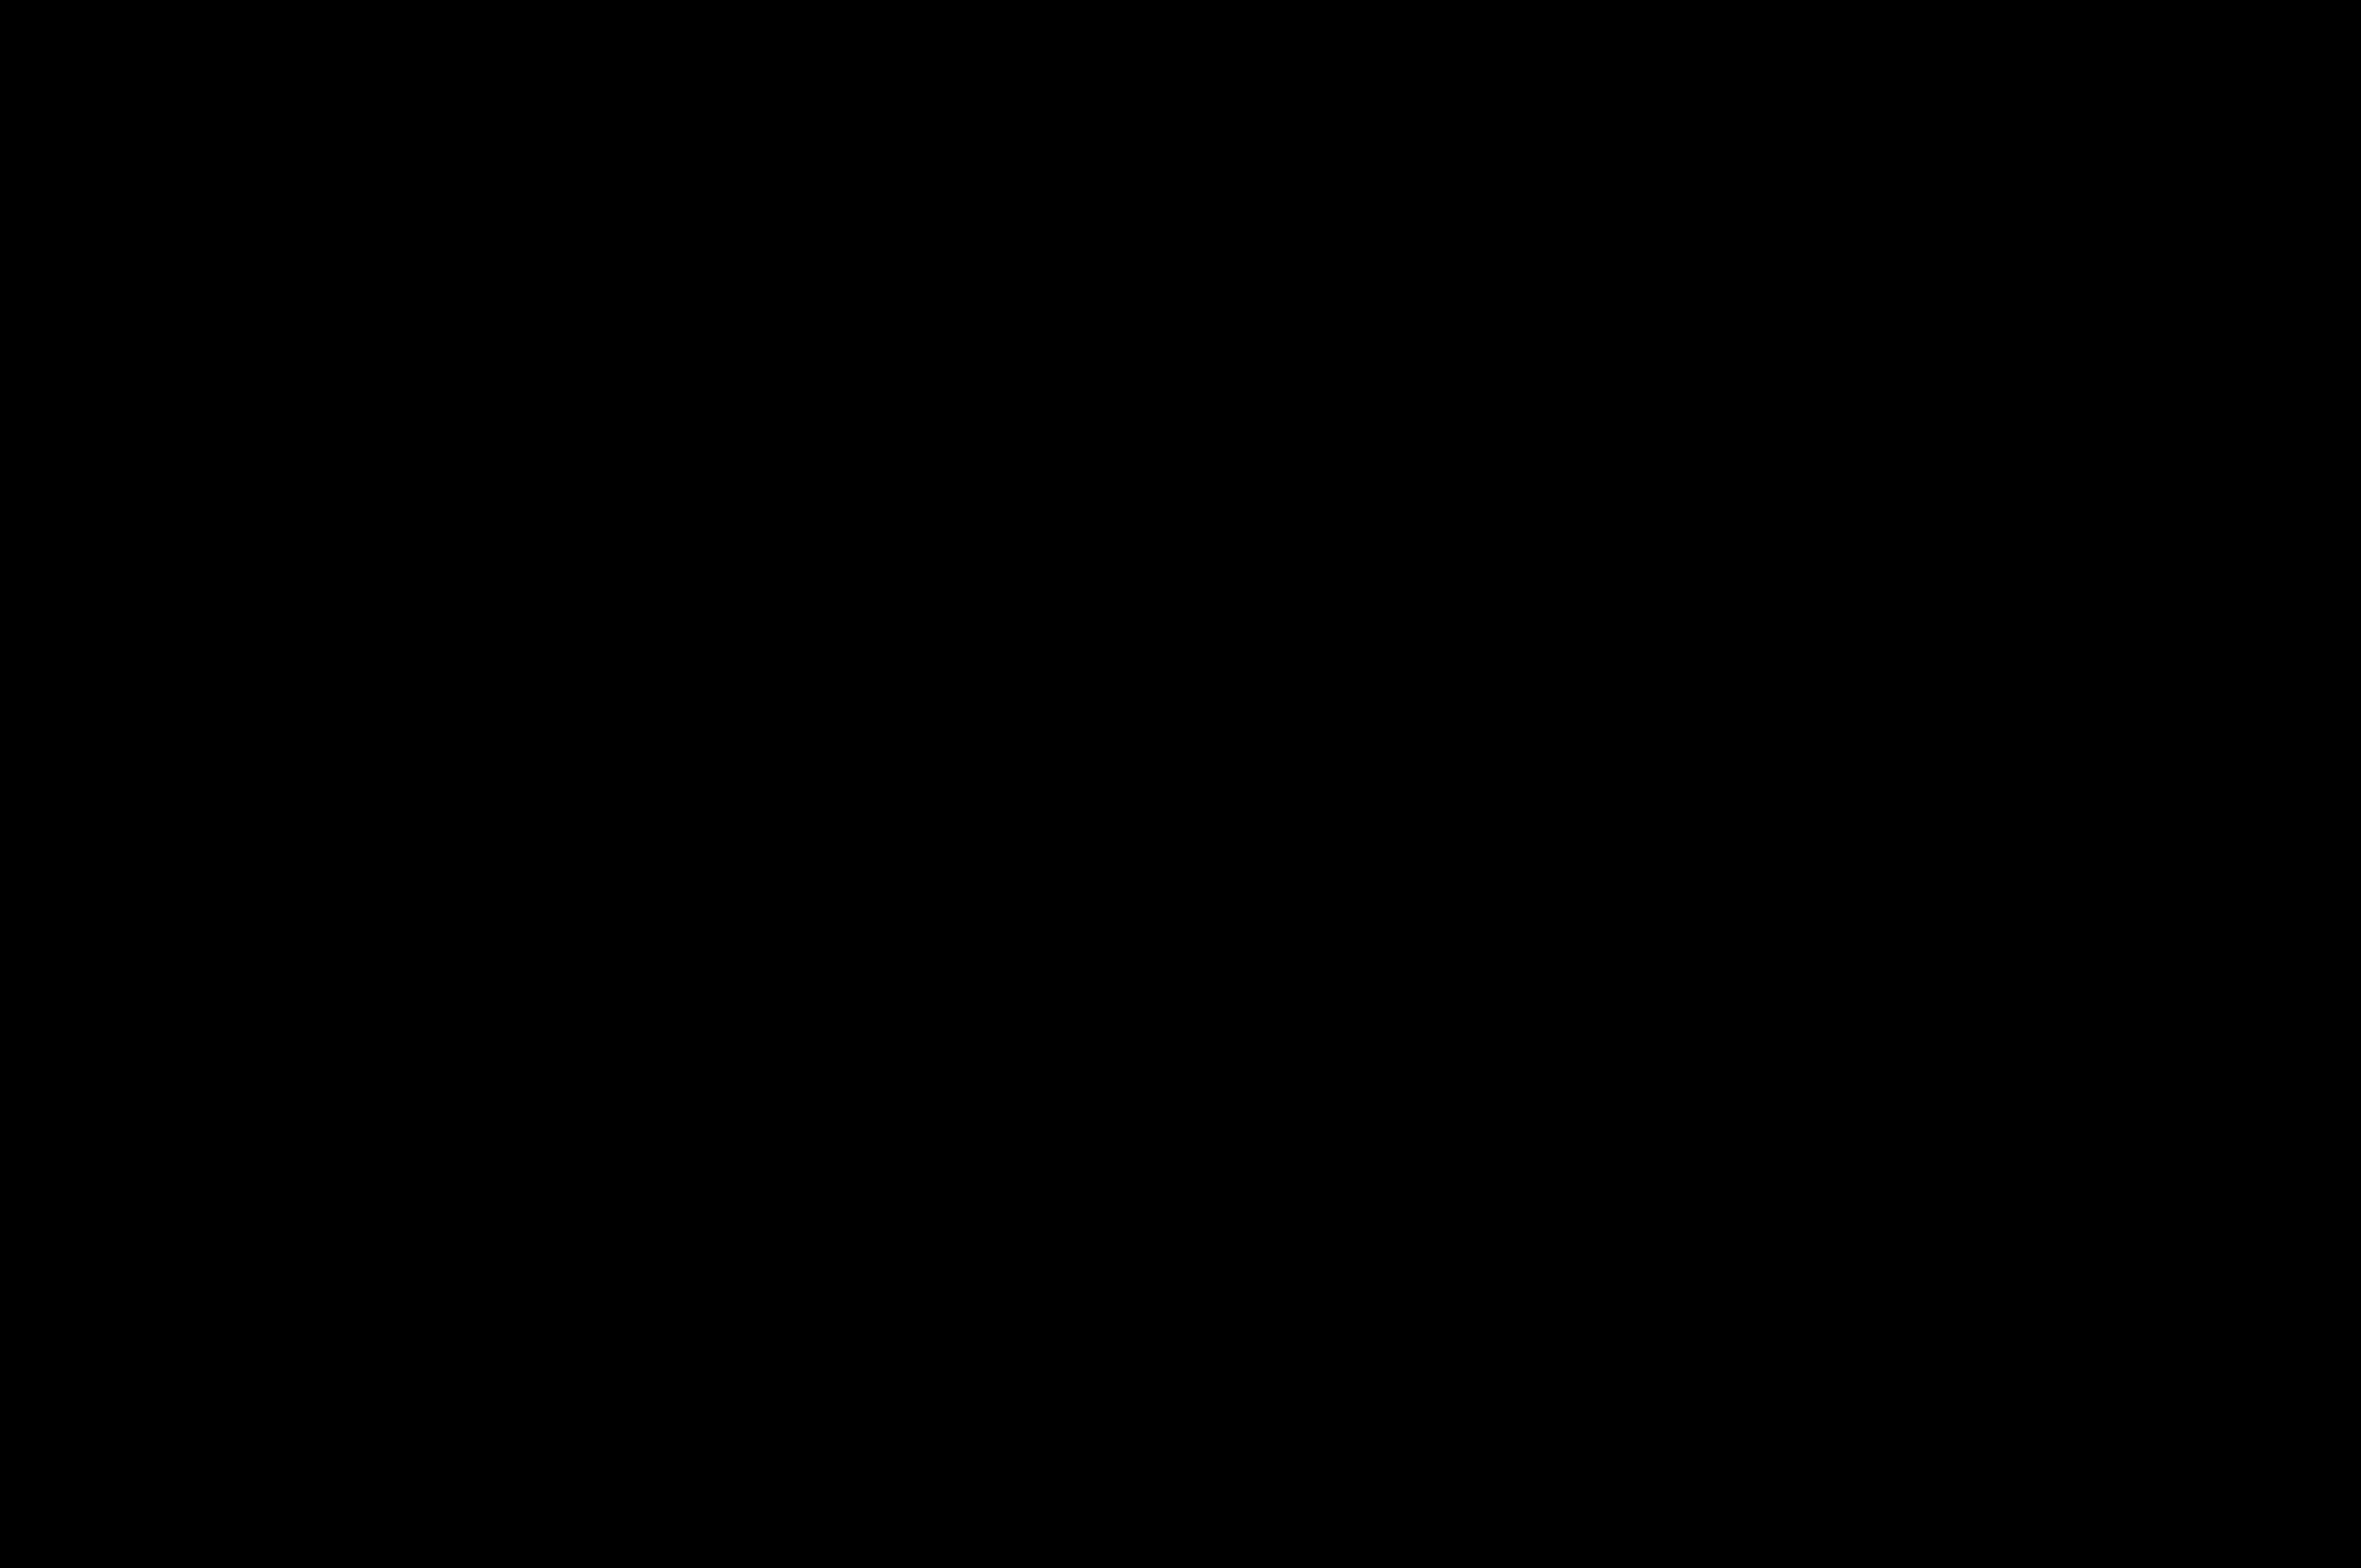 Overhoeks blokken B1 en B2 te Amsterdam bereiken hoogste punt